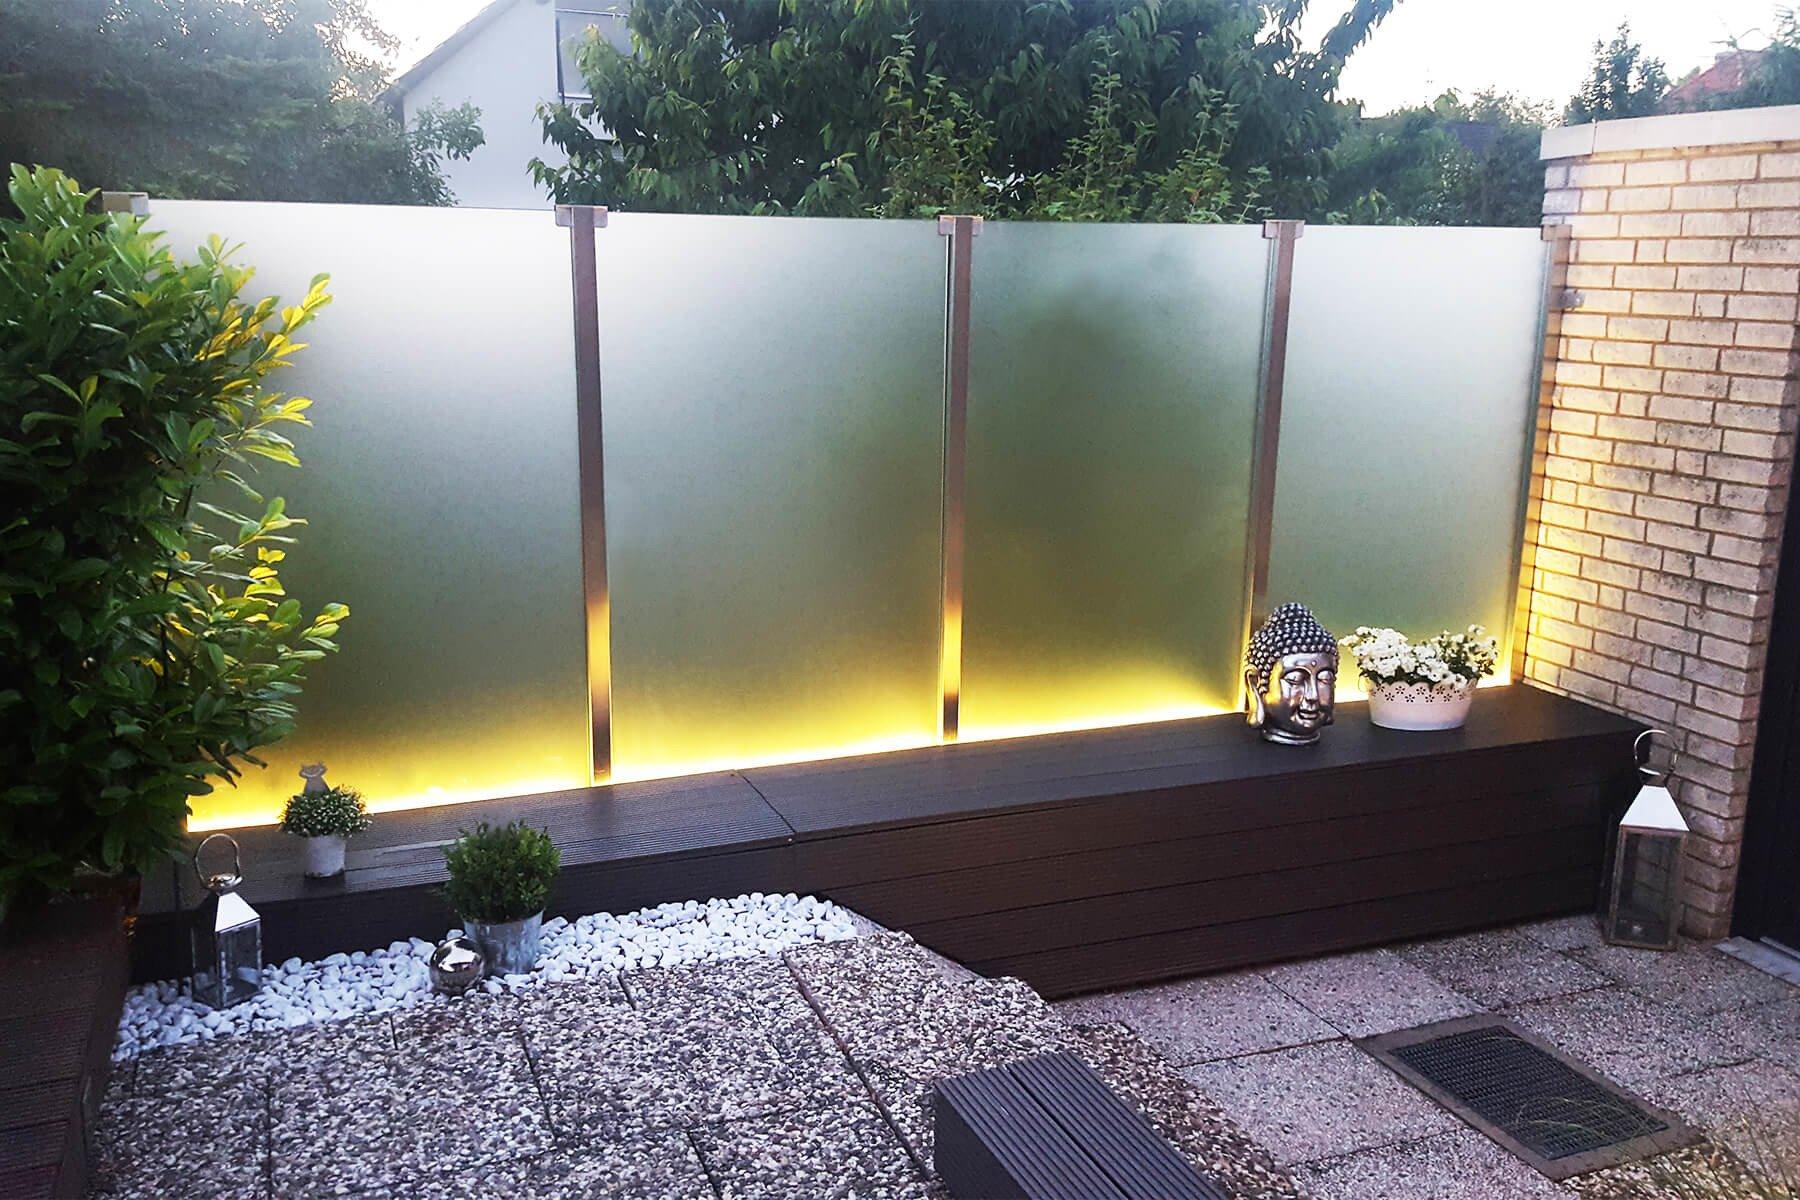 Glaszaunsystem mit Beleuchtung aus satiniertem Glas als elegante Lösung für mehr Privatsphäre auf dem Balkon oder  der Terrasse